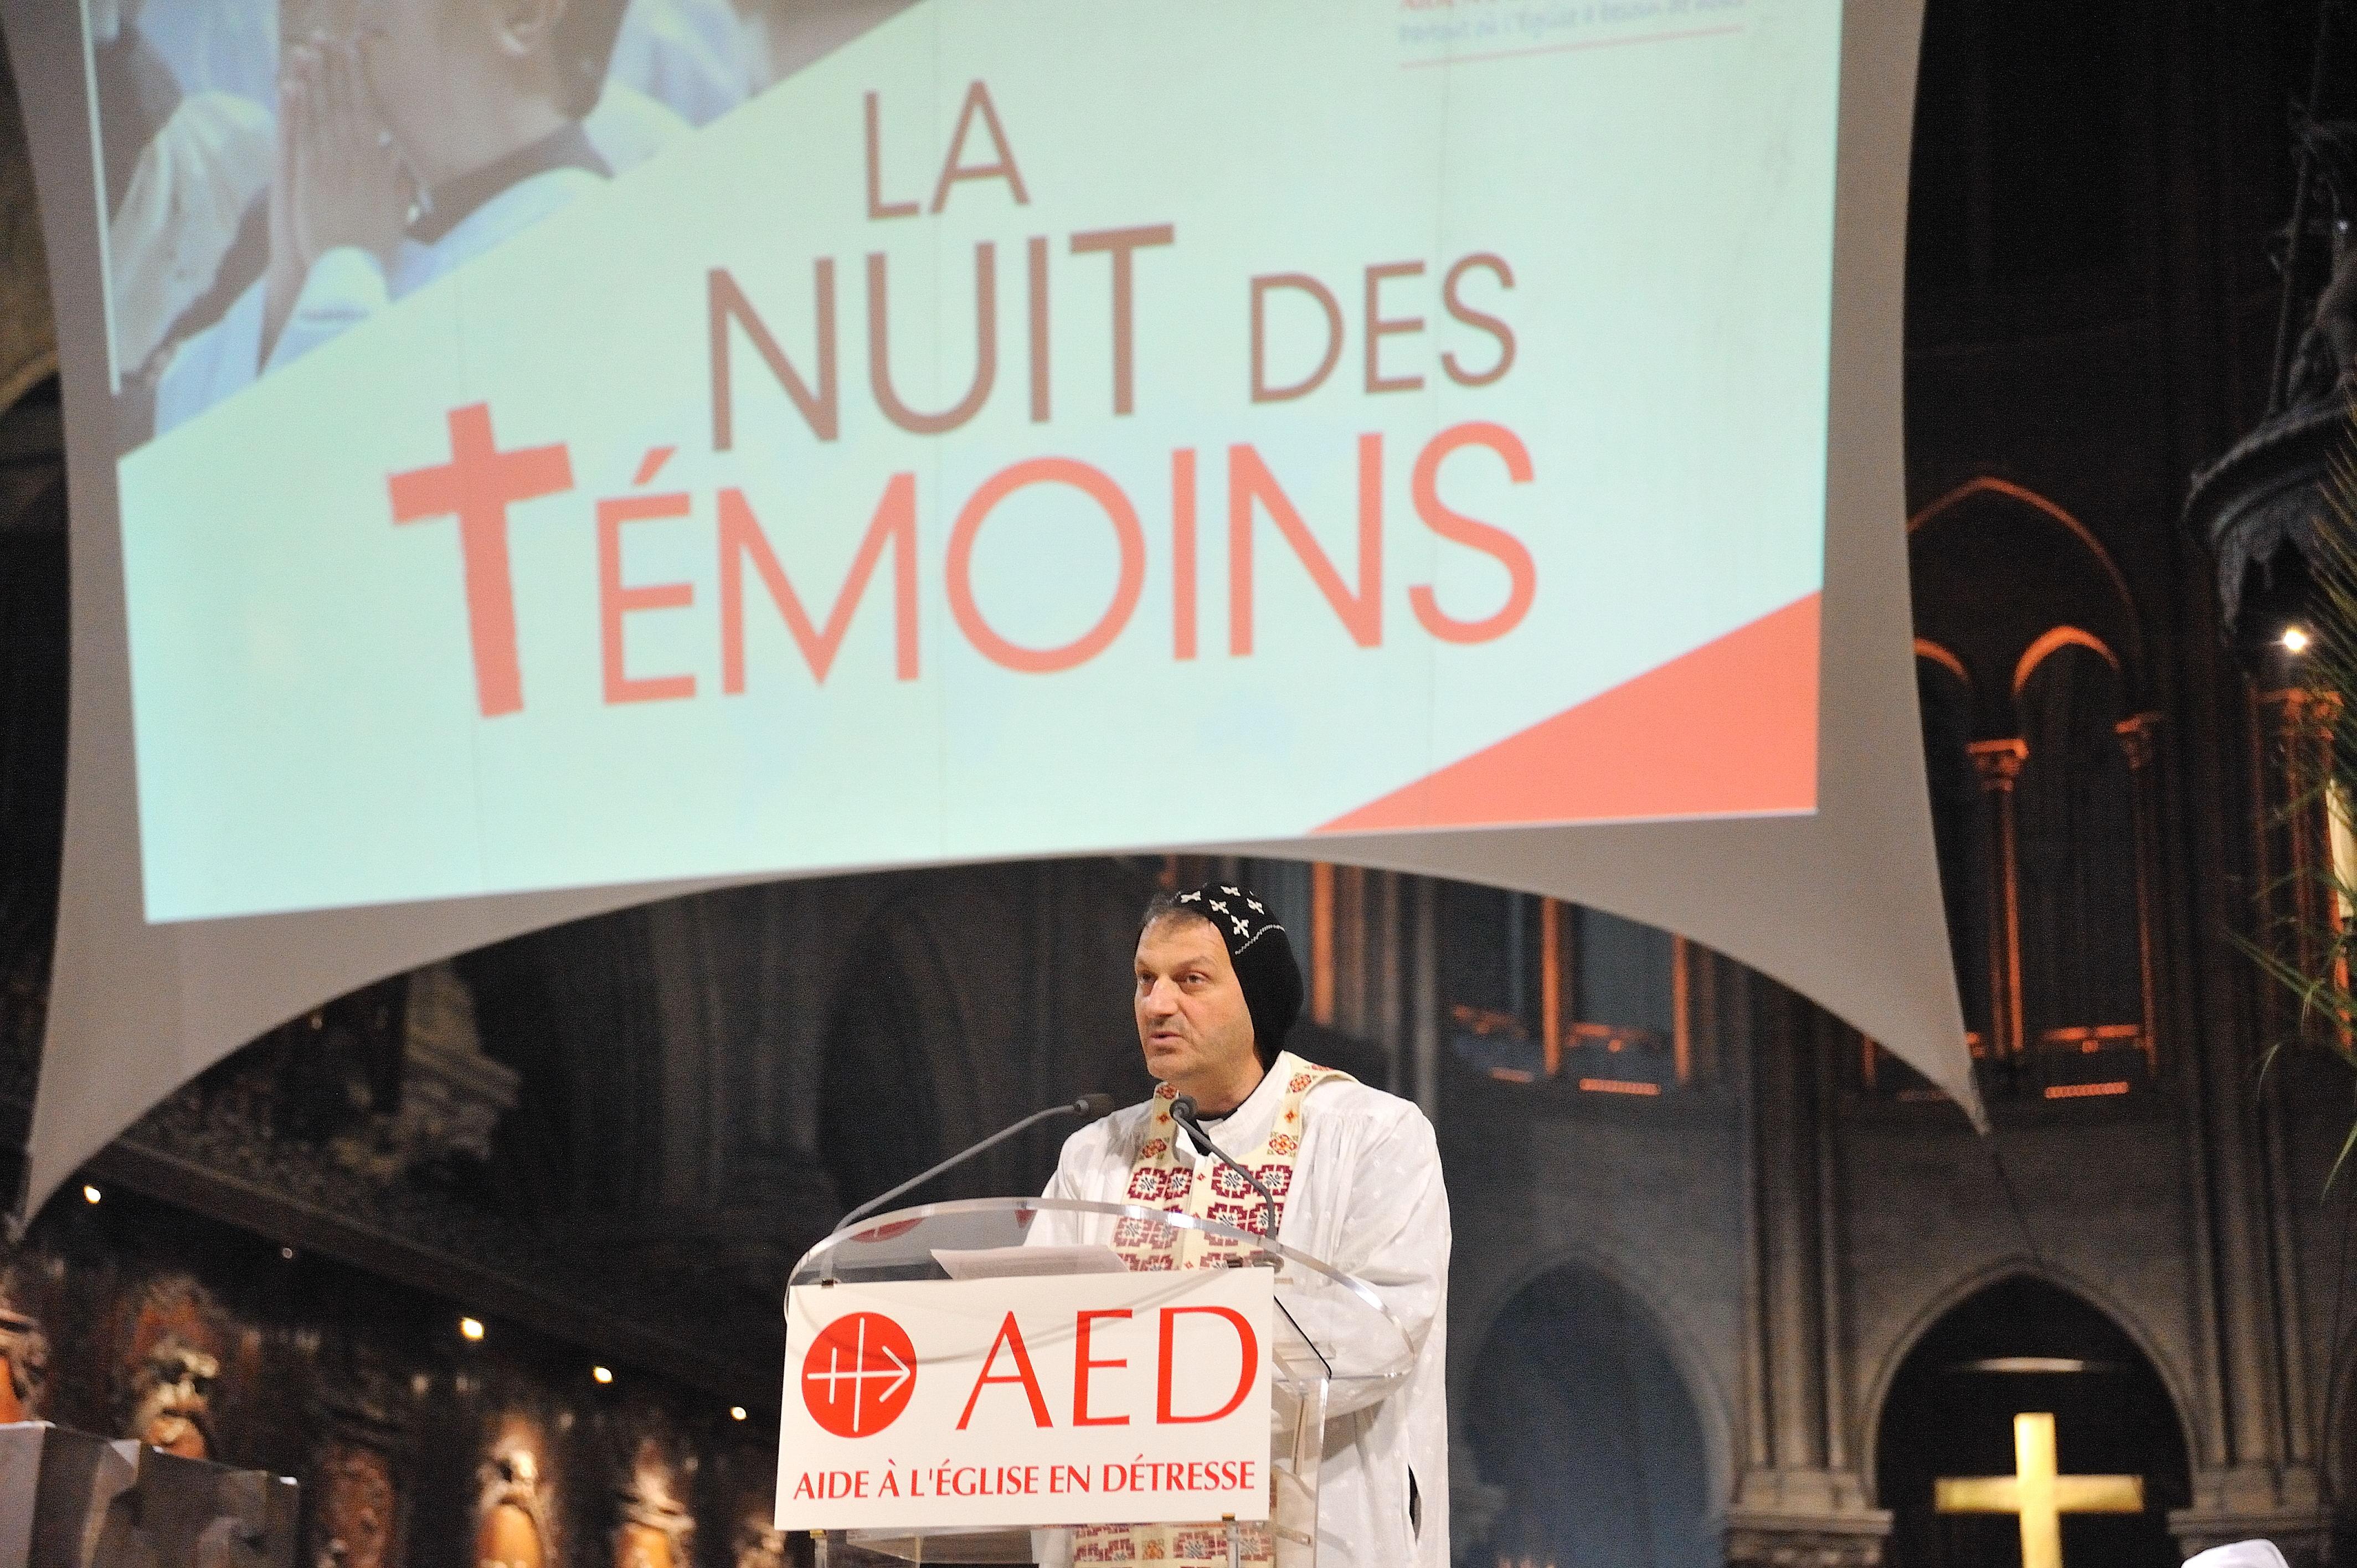 El padre Mourad y su testimonio durante la Noche de los Testigos